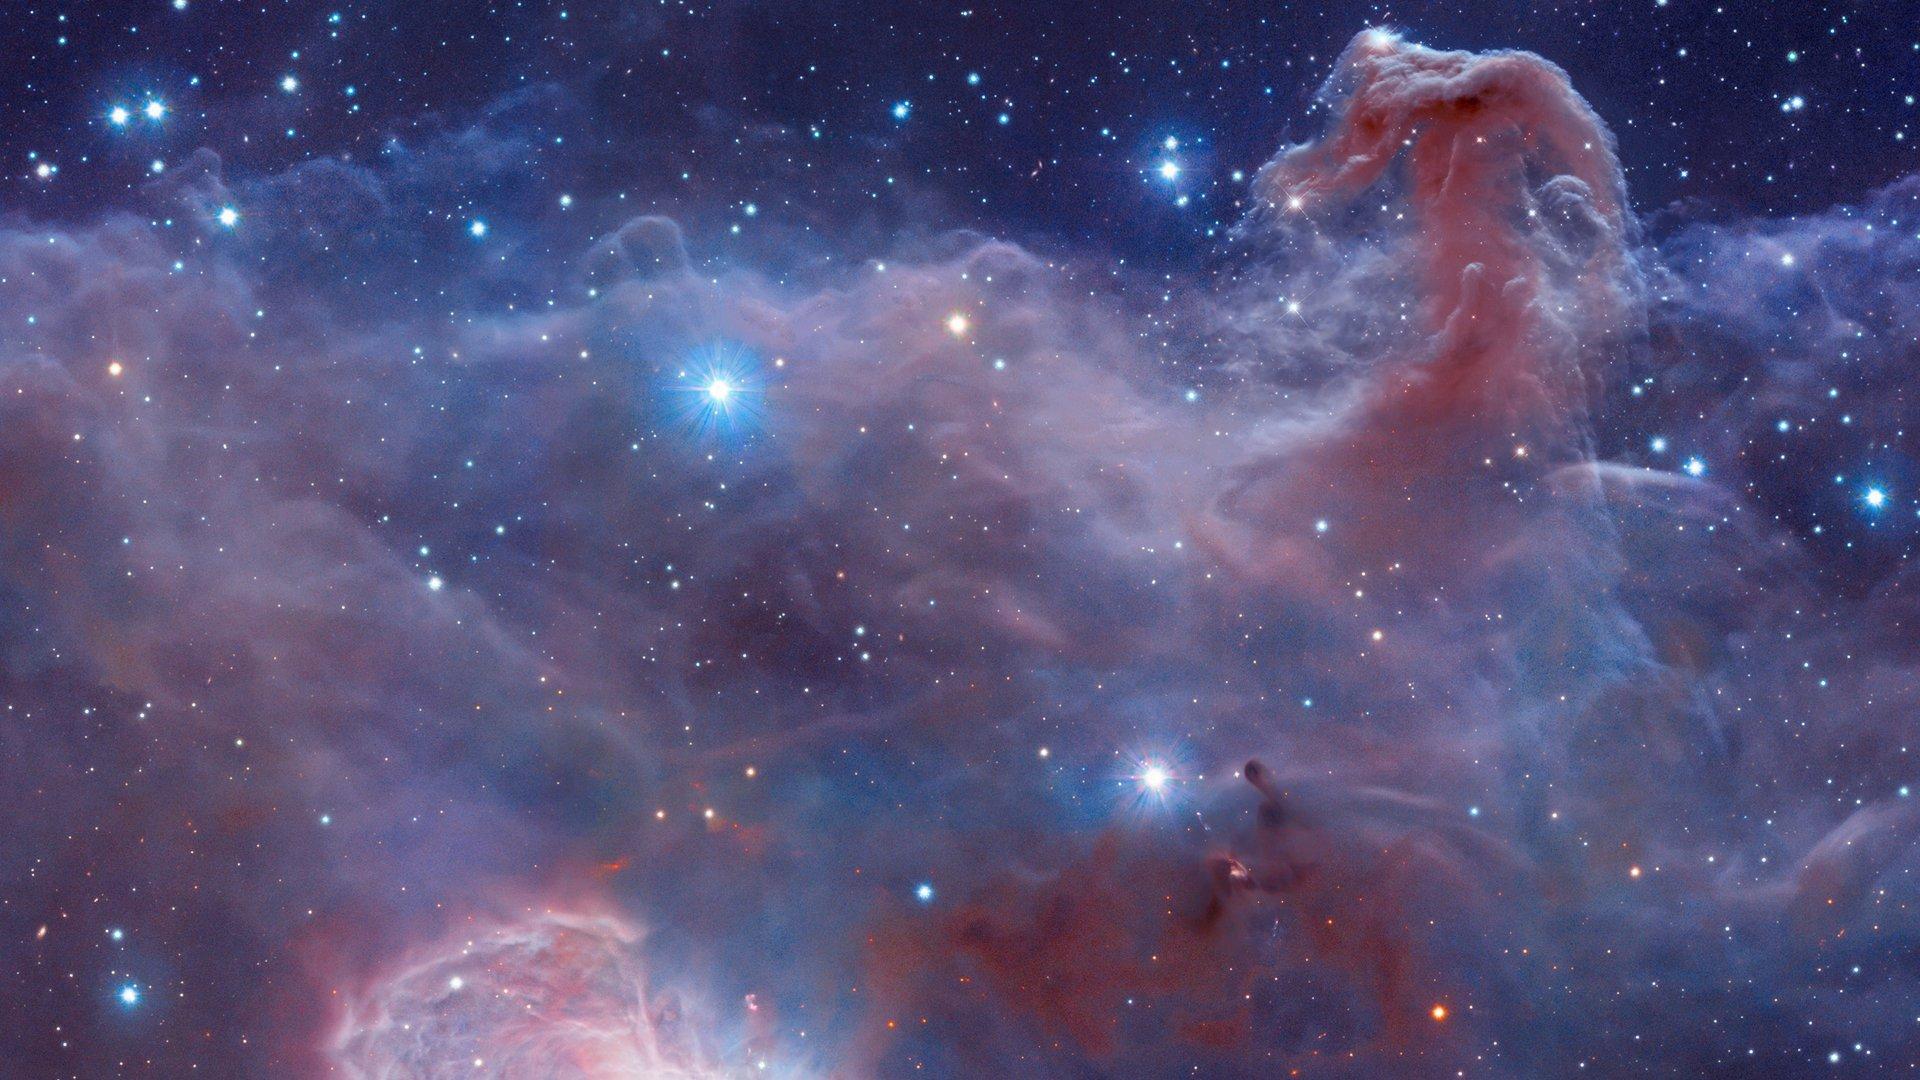 Nebula hd wallpaper background image 1920x1080 id 425792 wallpaper abyss - Nebula wallpaper hd ...